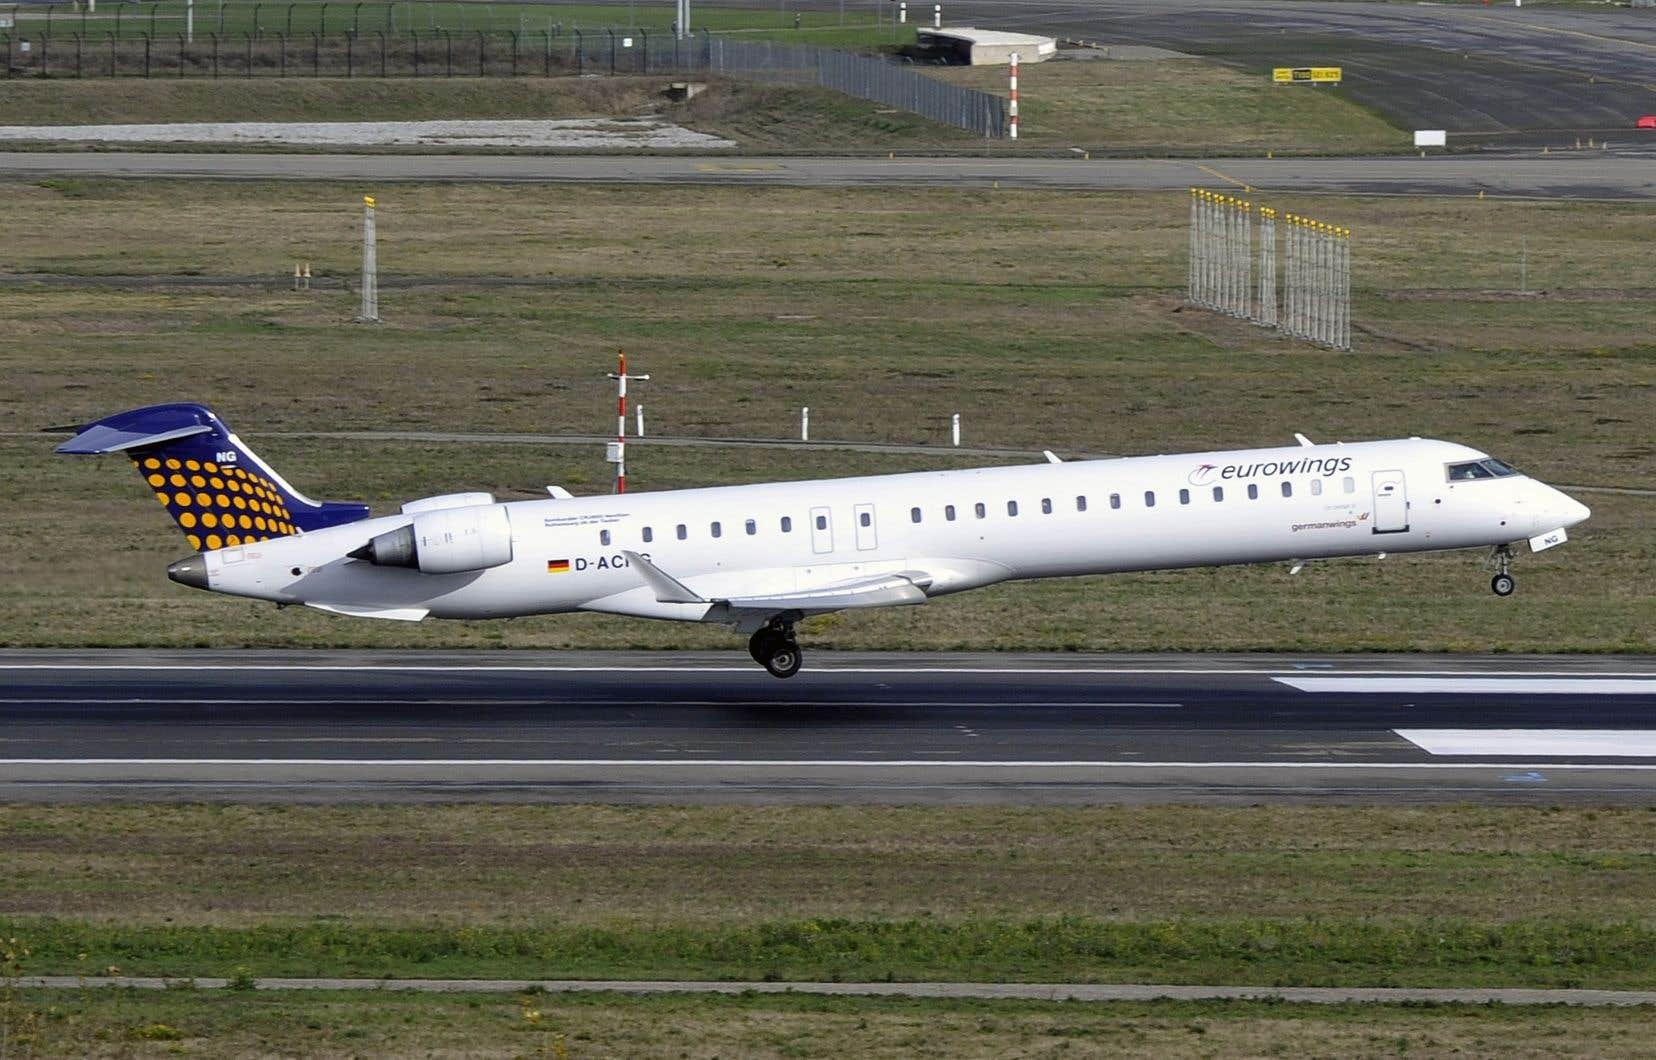 Un avion Bombardier CRJ-900 de la société Eurowings, filiale de Lufthansa, atterrit à l'aéroport de Toulouse-Blagnac, en 2014.